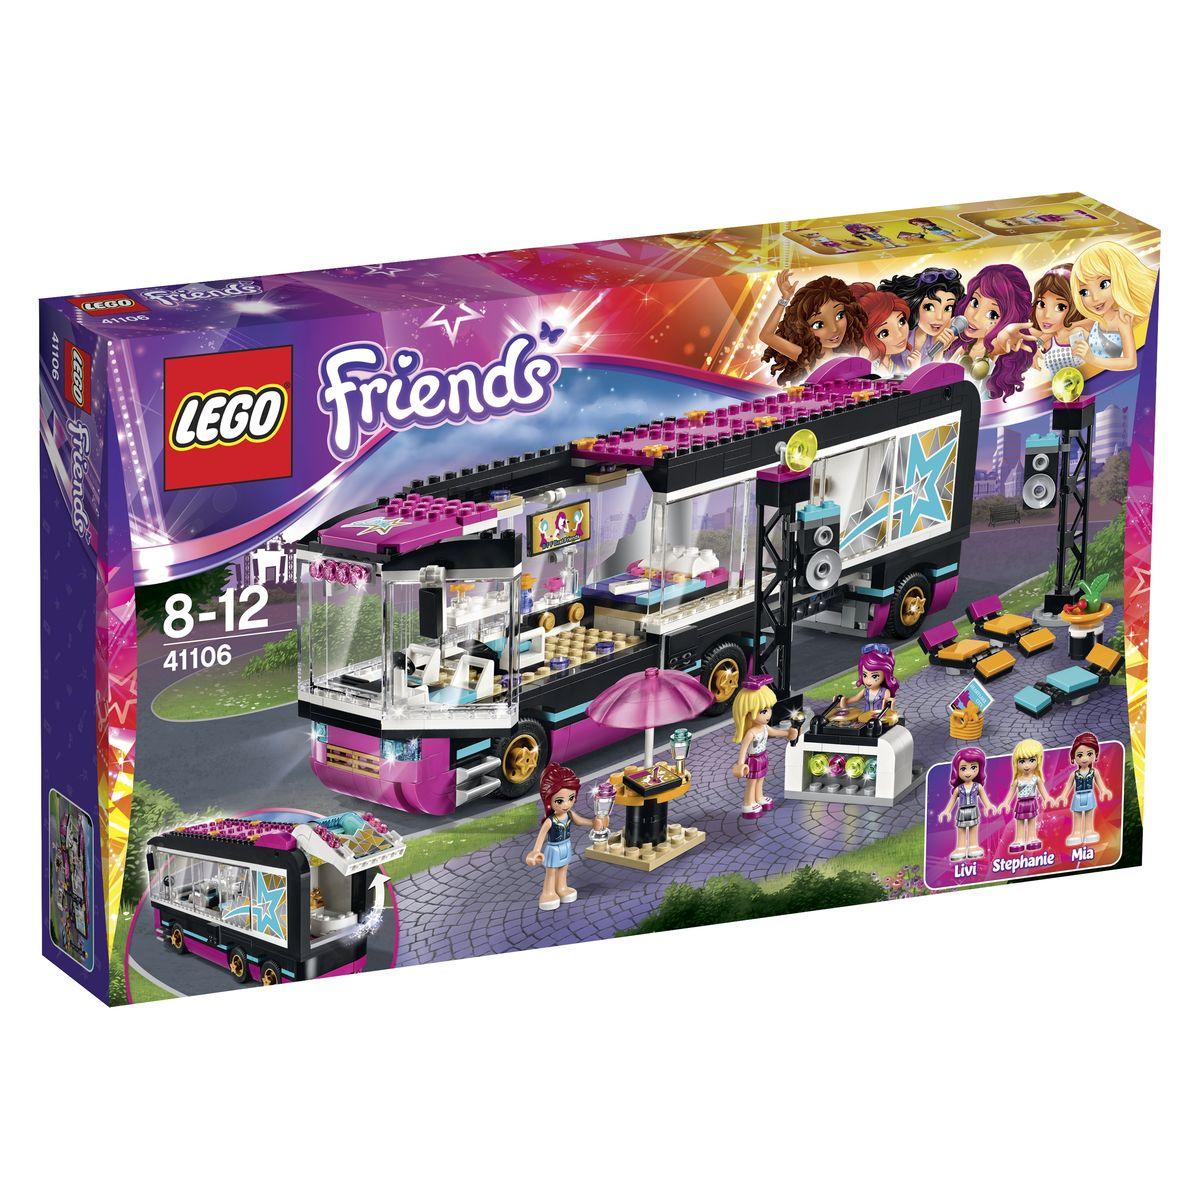 LEGO Friends Конструктор Поп звезда Гастроли 4110641106Автобус для турне из набора LEGO 41106 - это передвижная комфортабельная квартира, позволяющая известным исполнителям путешествовать по соседним городам и организовывать выступления для своих фанатов. Корпус автобуса состоит из черно-розовых деталей с добавлением прозрачных панорамных окон. Спереди располагается массивная кабина водителя, оборудованная открывающейся дверью, двумя креслами, приборной панелью, боковыми зеркалами и обтекаемыми голубыми фарами. За кабиной организовано место отдыха поп-звезд, состоящее из большой кровати, тумбочки, телевизора, кресла и стола, сидя за которым, можно отвечать на письма поклонников. В задней части автобуса организована маленькая уборная с ванной, краном и унитазом. Чтобы рассмотреть ее интерьер, достаточно поднять багажную белую дверь с розовыми фарами. Для более реалистичной игры в интерьере, можно воспользоваться функцией трансформации автобуса, при которой кабина и комната отдыха остаются на месте, а багажник отъезжает назад. Это...